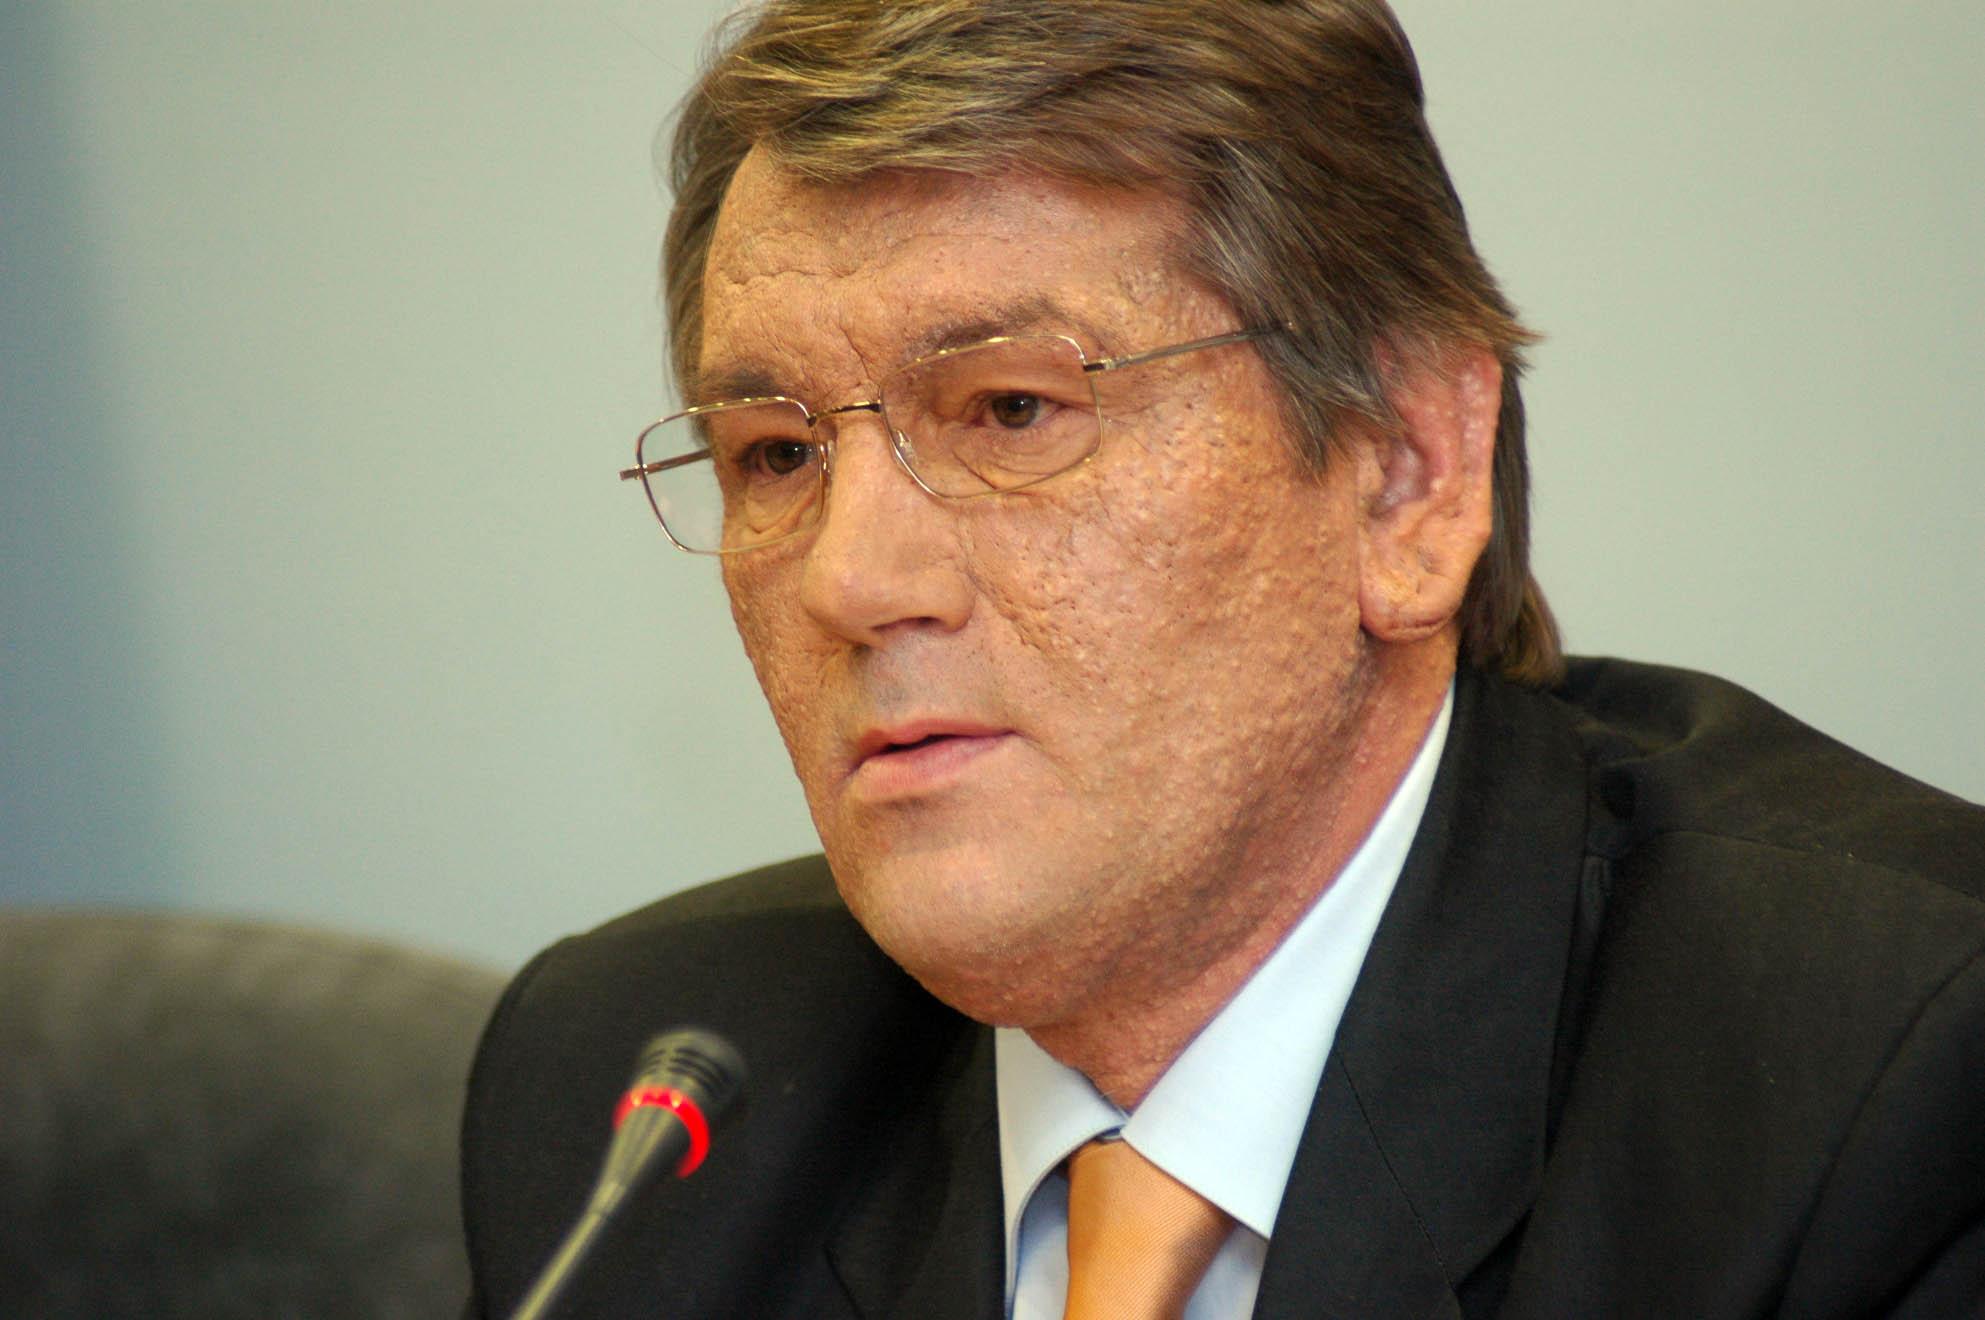 Гриценко: Ющенко меня уволил с должности министра из-за того, что я не дал земли его сыну